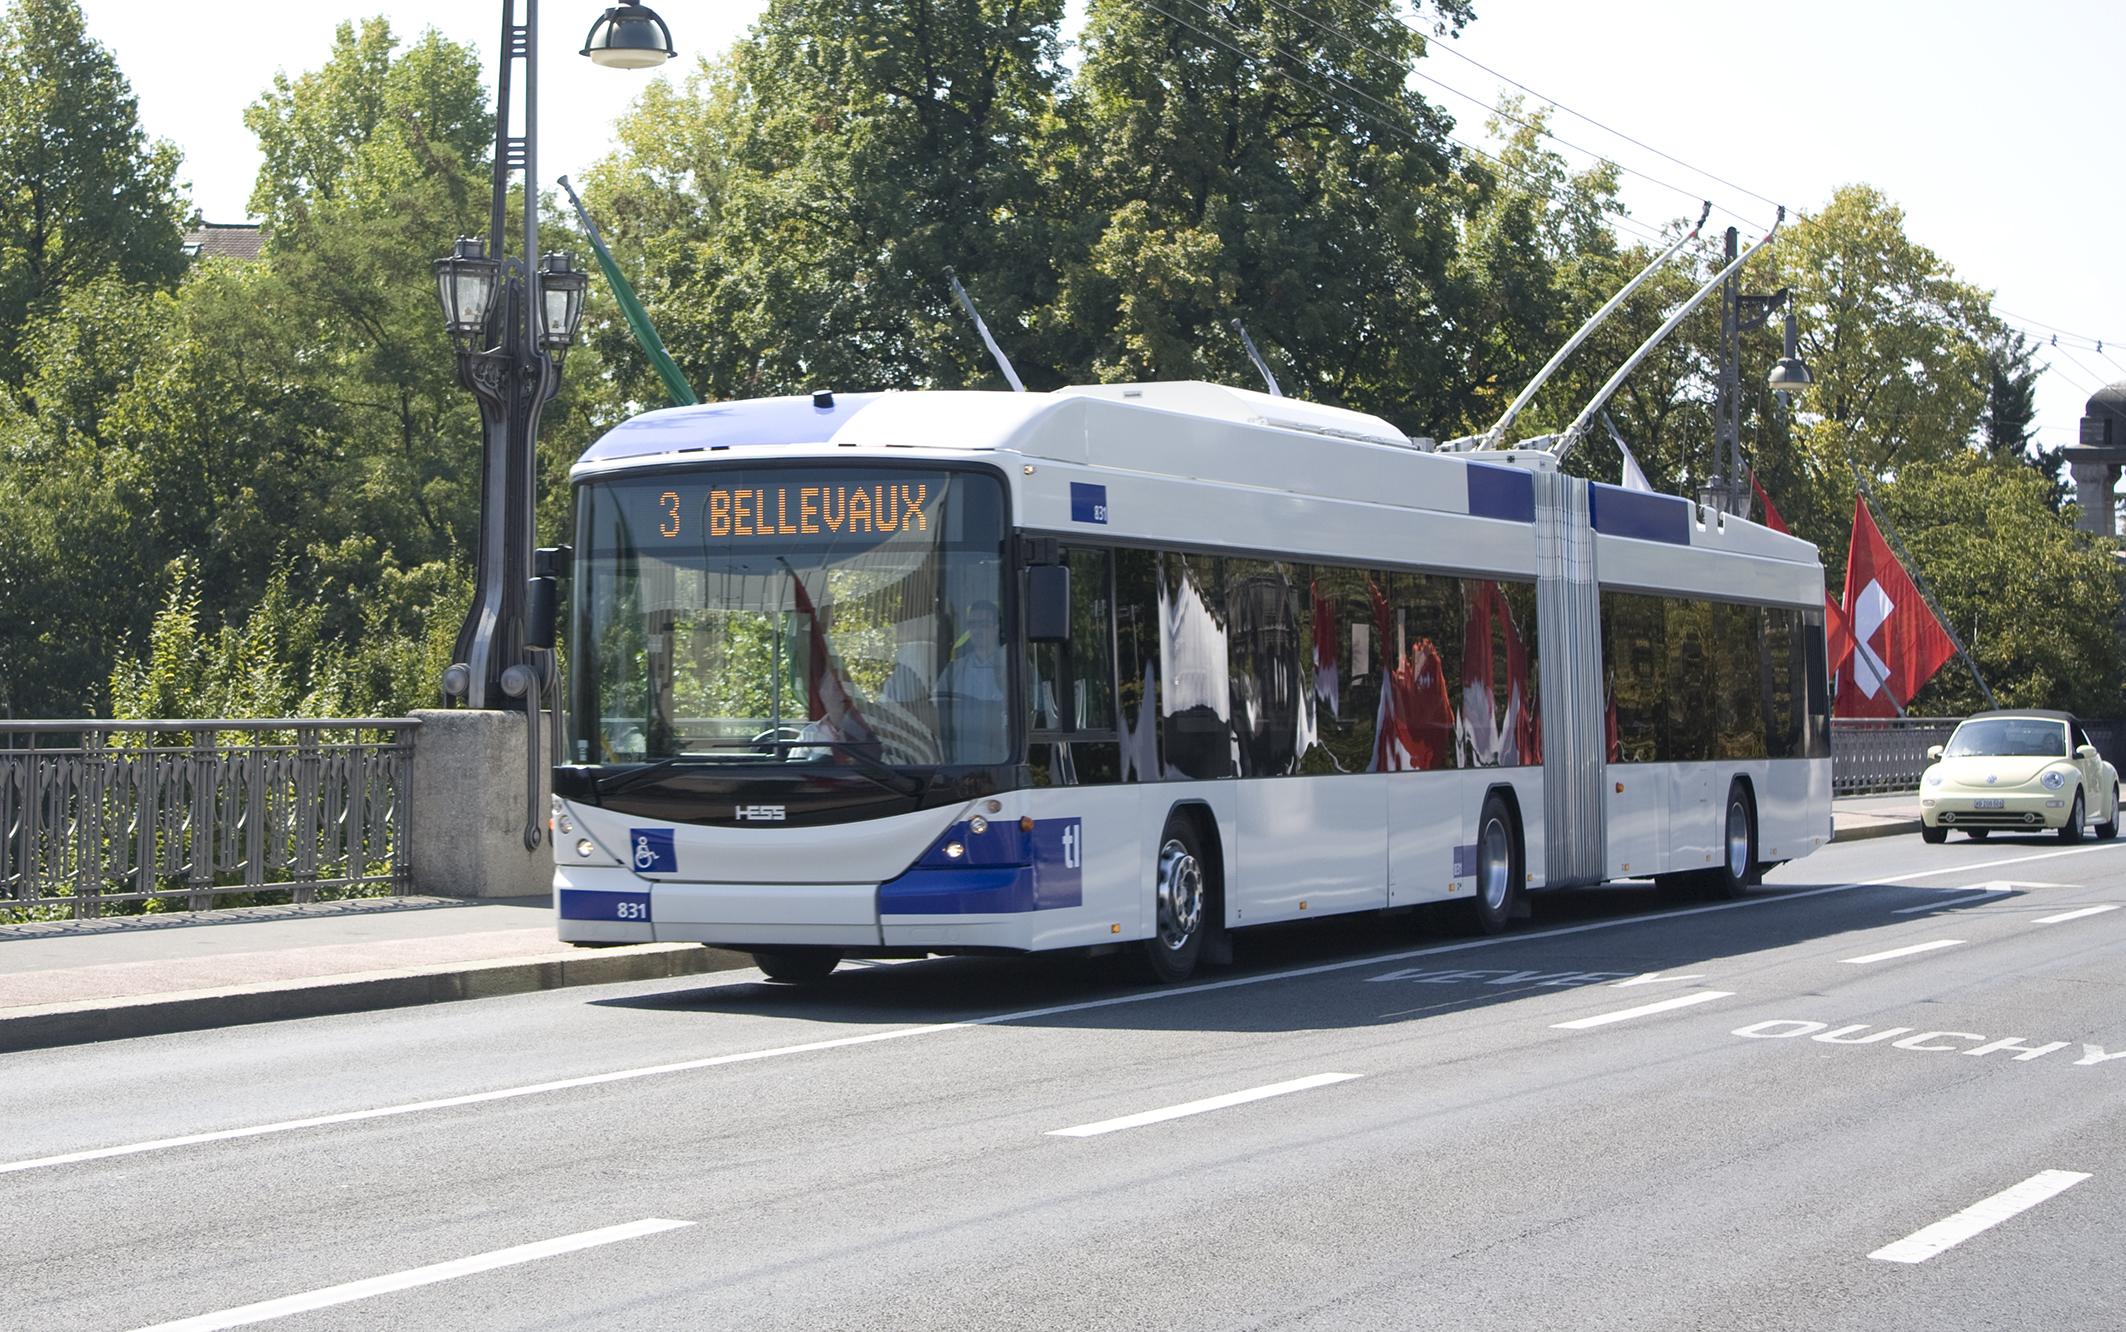 TL – Transports publics de la région lausannoise